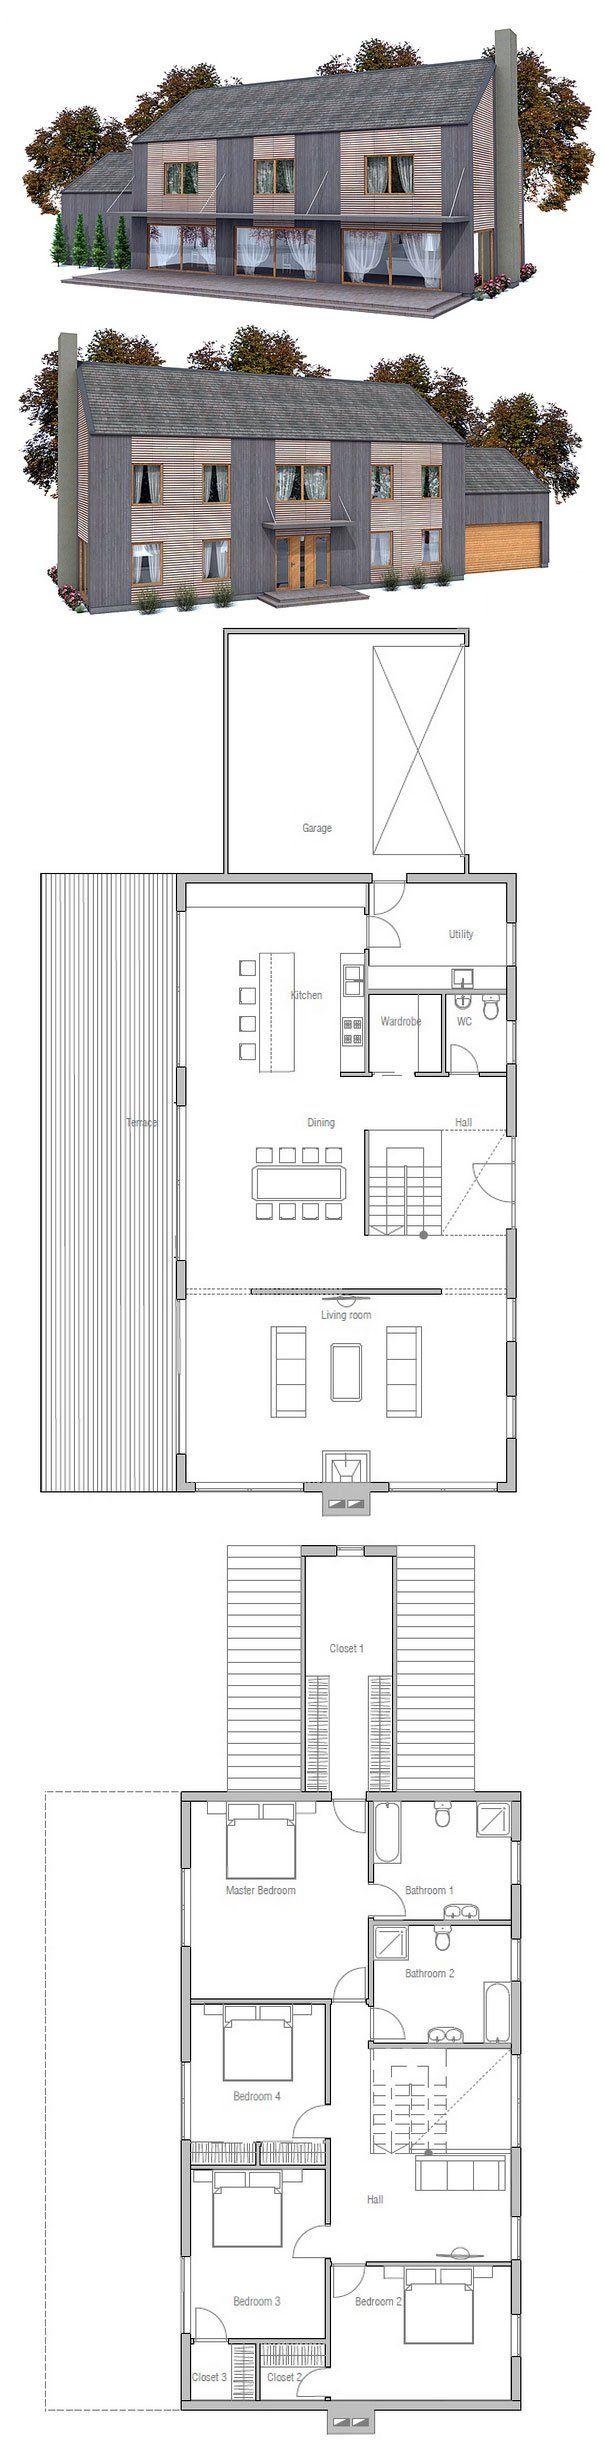 die besten 17 ideen zu reihenhaus grundriss auf pinterest bauplan haus wohnheim anordnung und. Black Bedroom Furniture Sets. Home Design Ideas